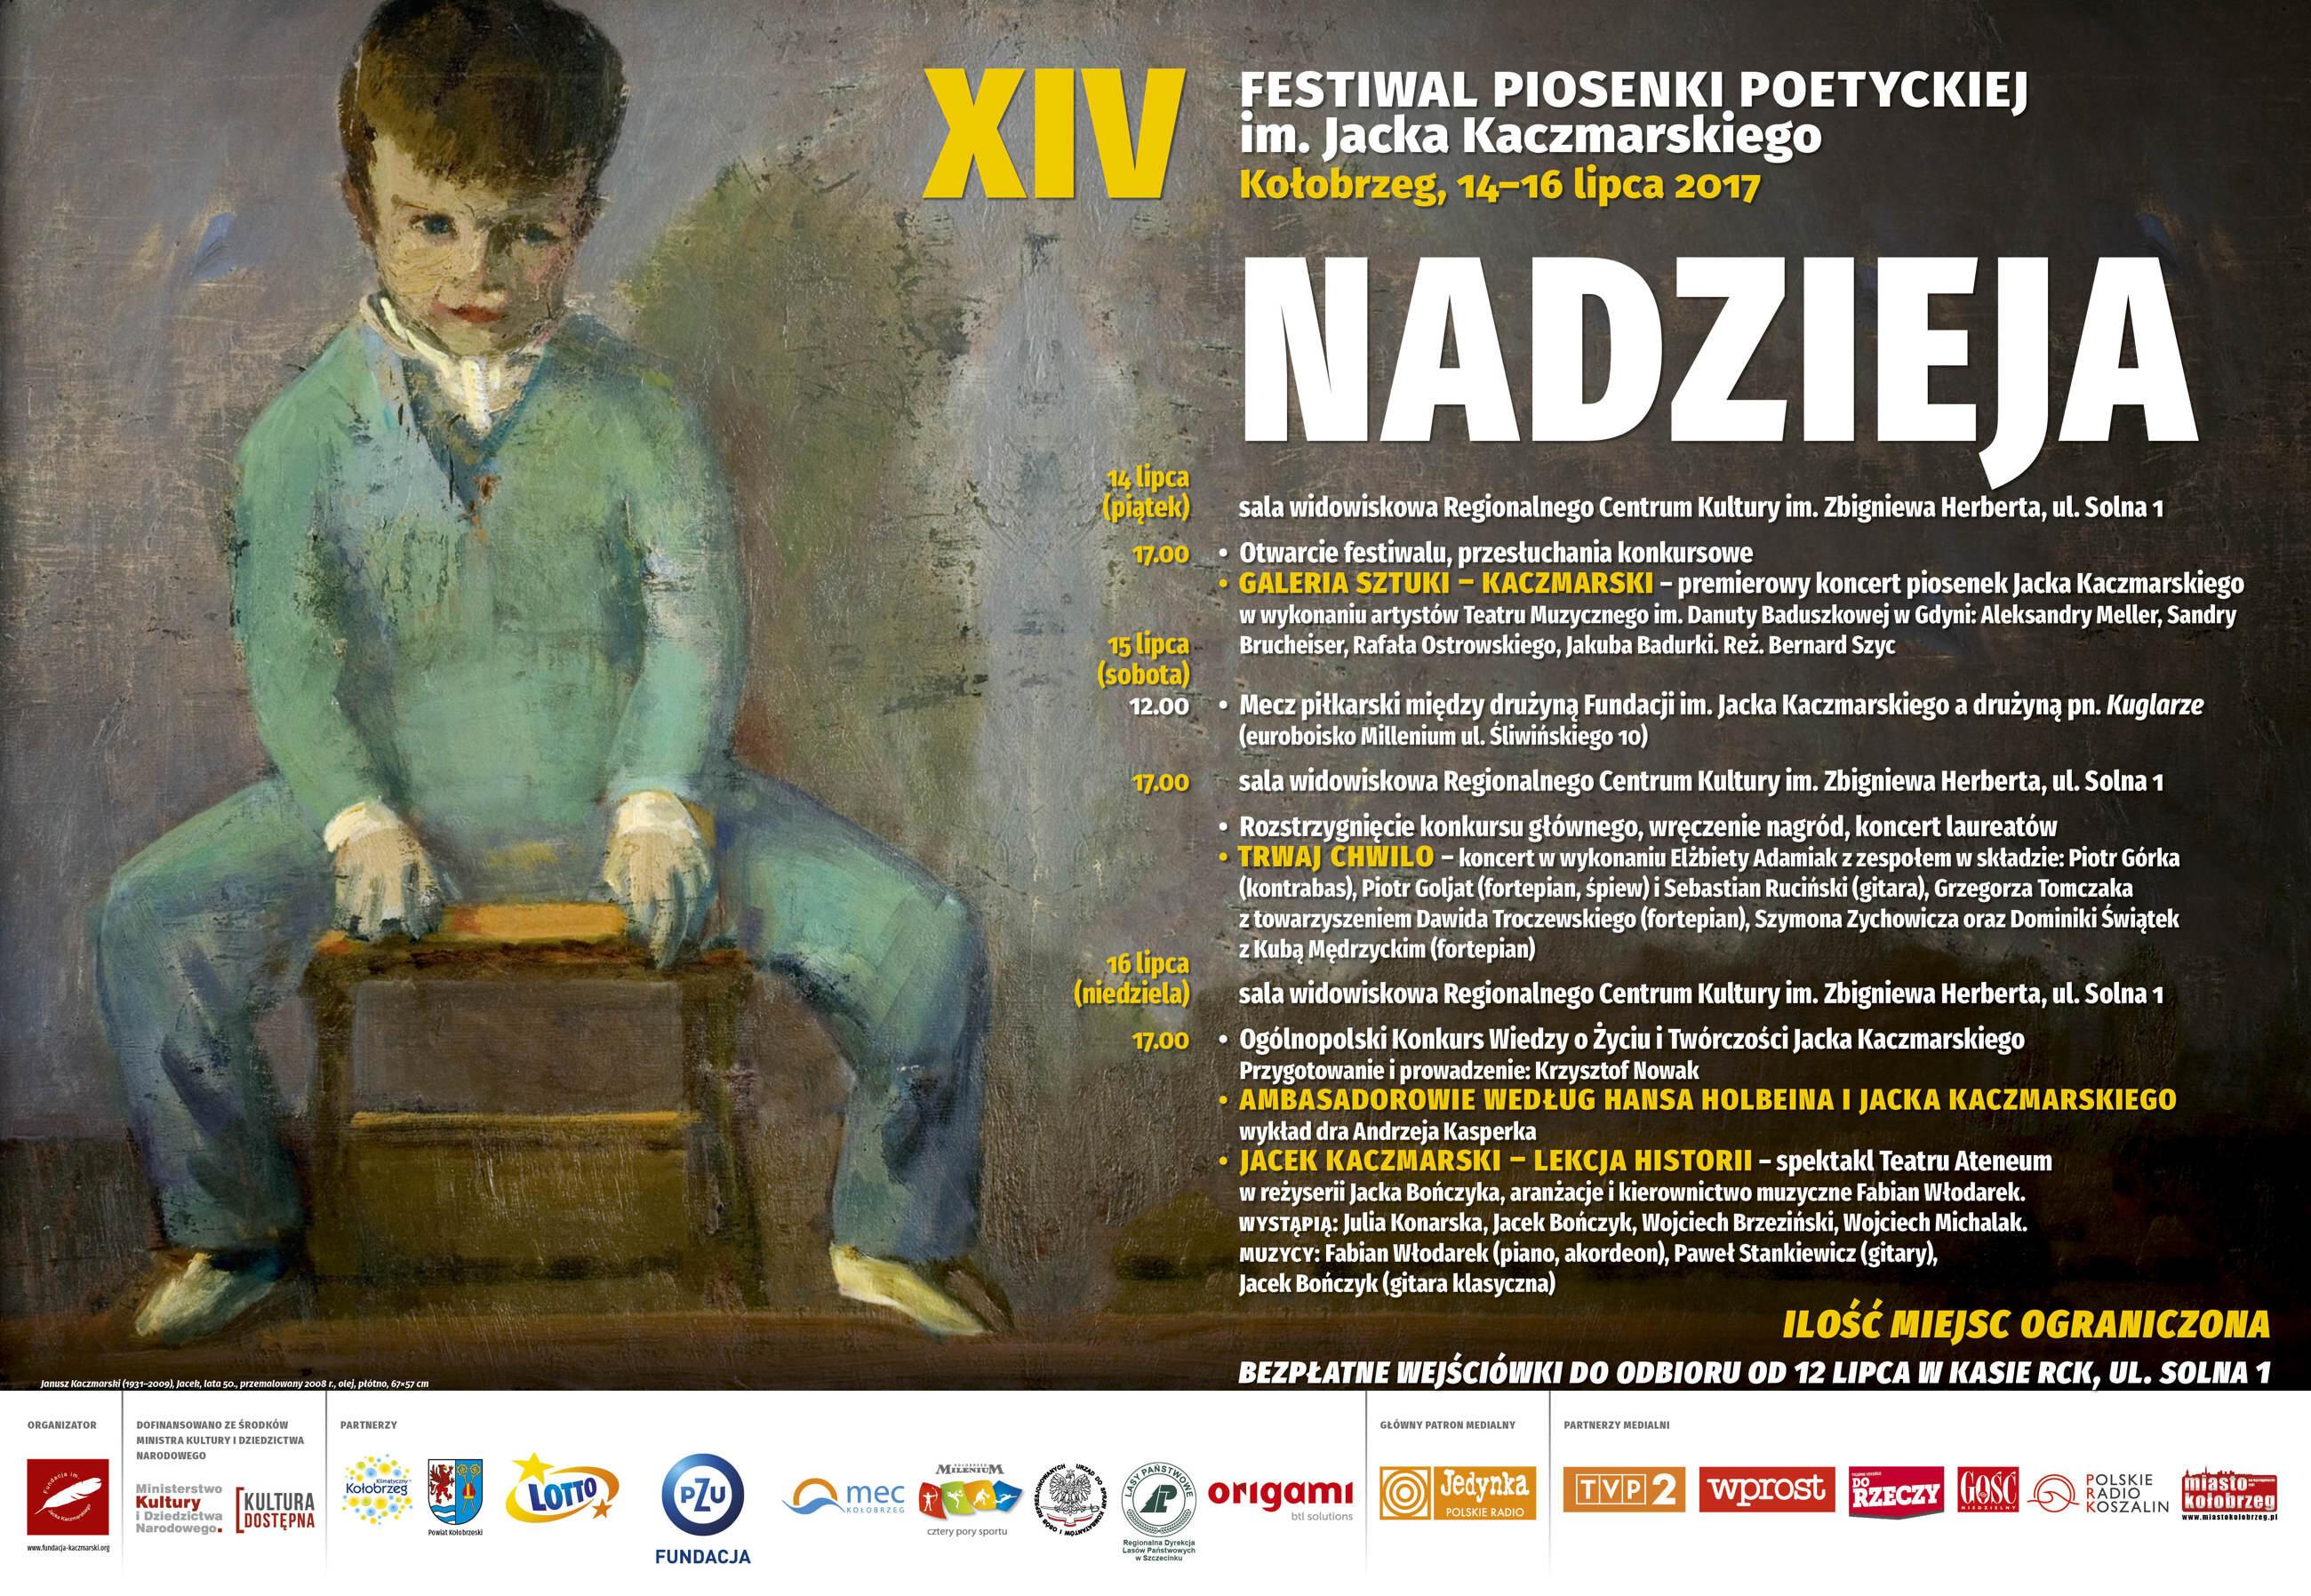 XIV Festiwal Piosenki Poetyckiej im. Jacka Kaczmarskiego